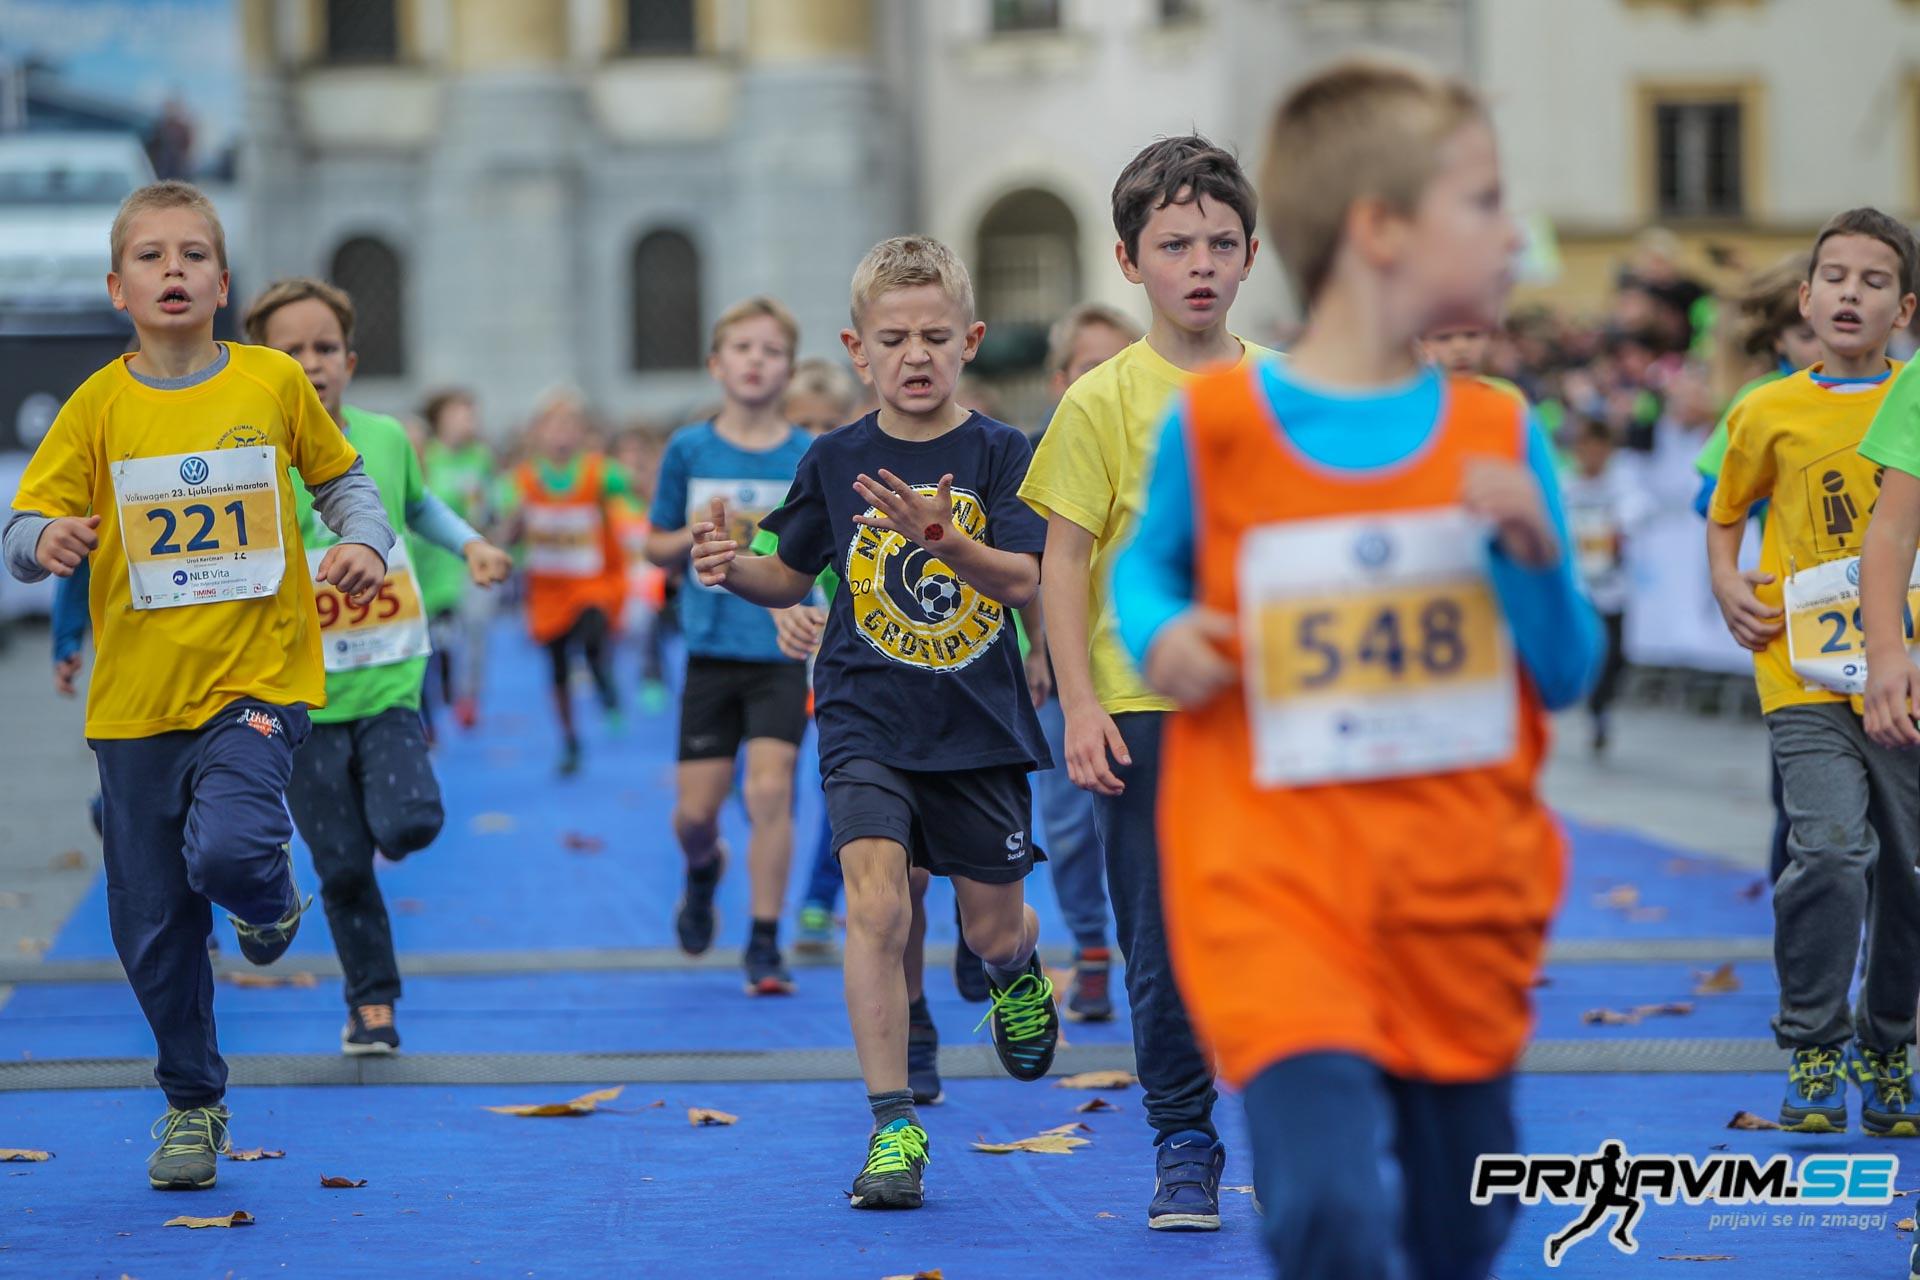 Ljubljanski_maraton_osnovna_sola_2018-0077.jpg